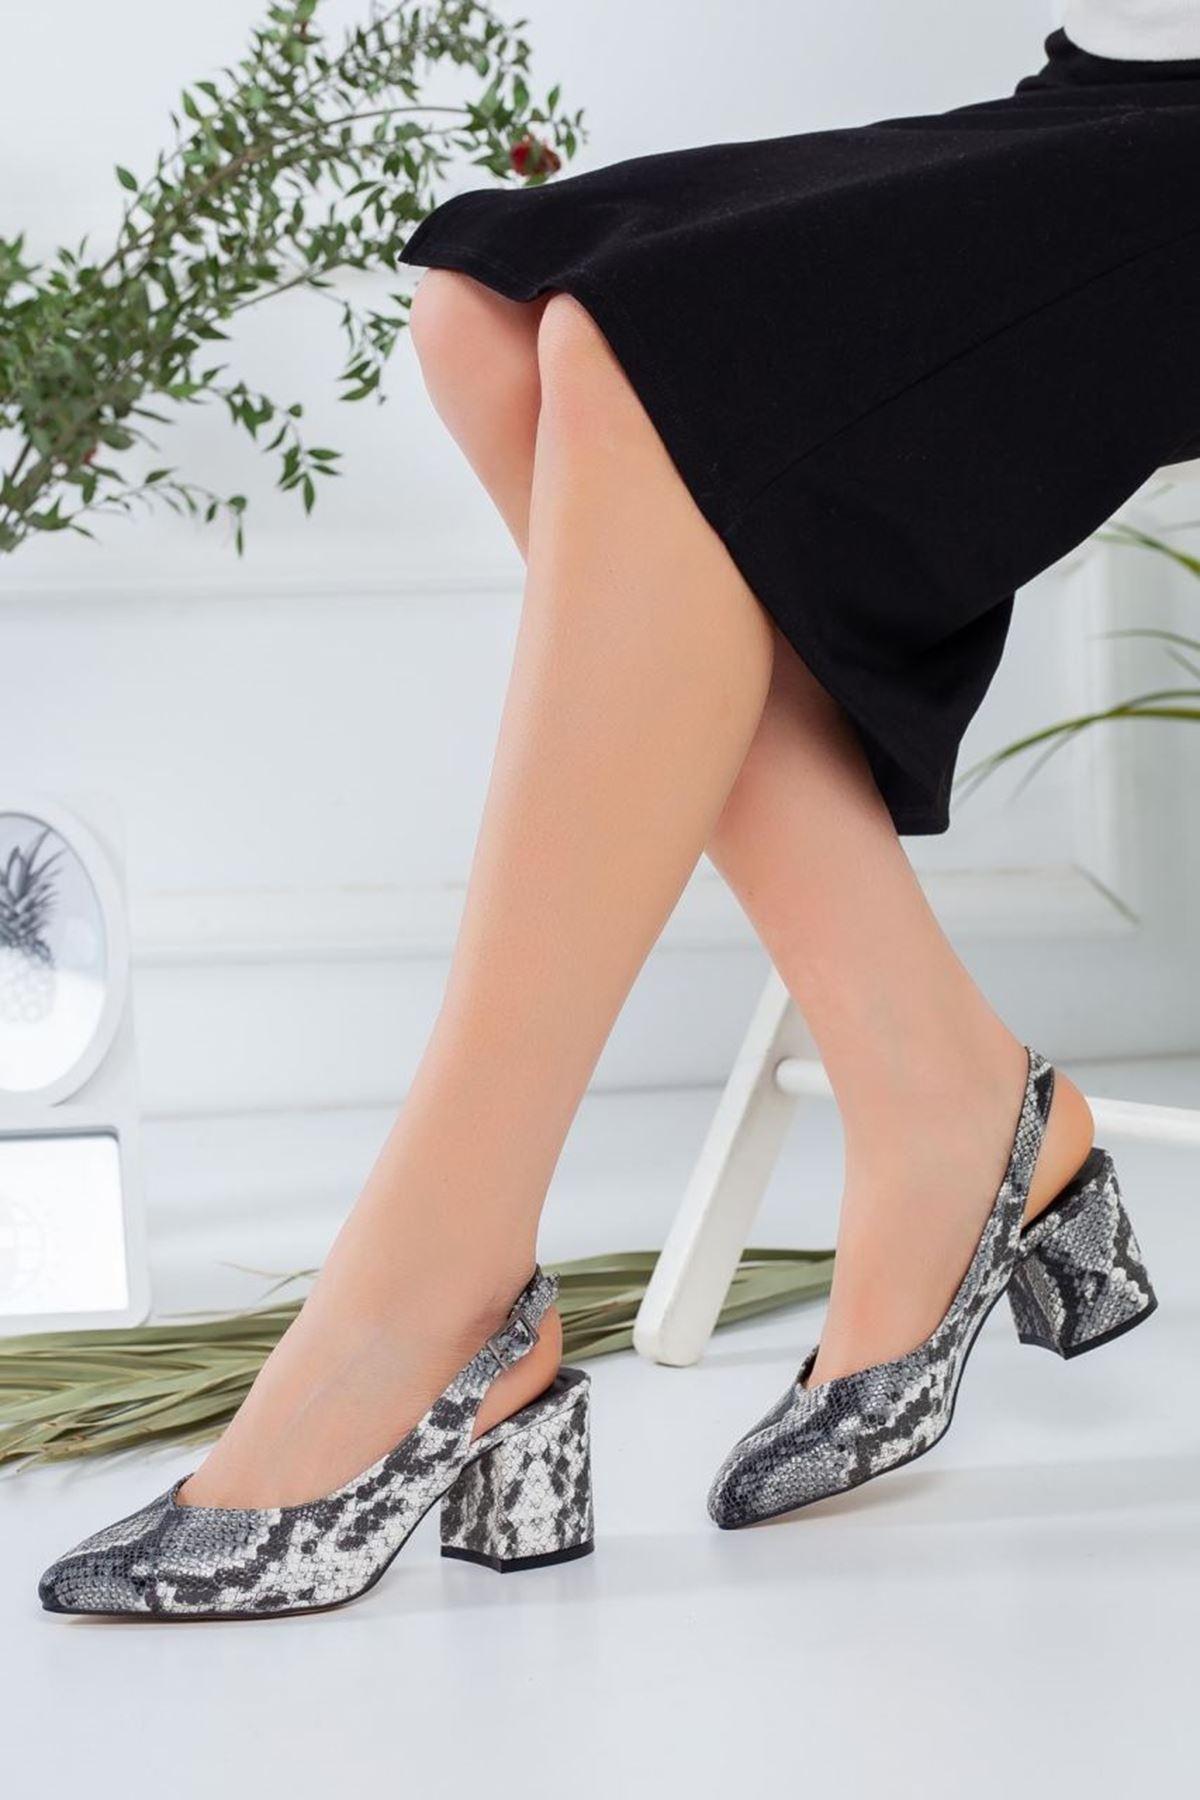 Kadın Porter Yılan Desenli Kısa Topuklu Ayakkabı